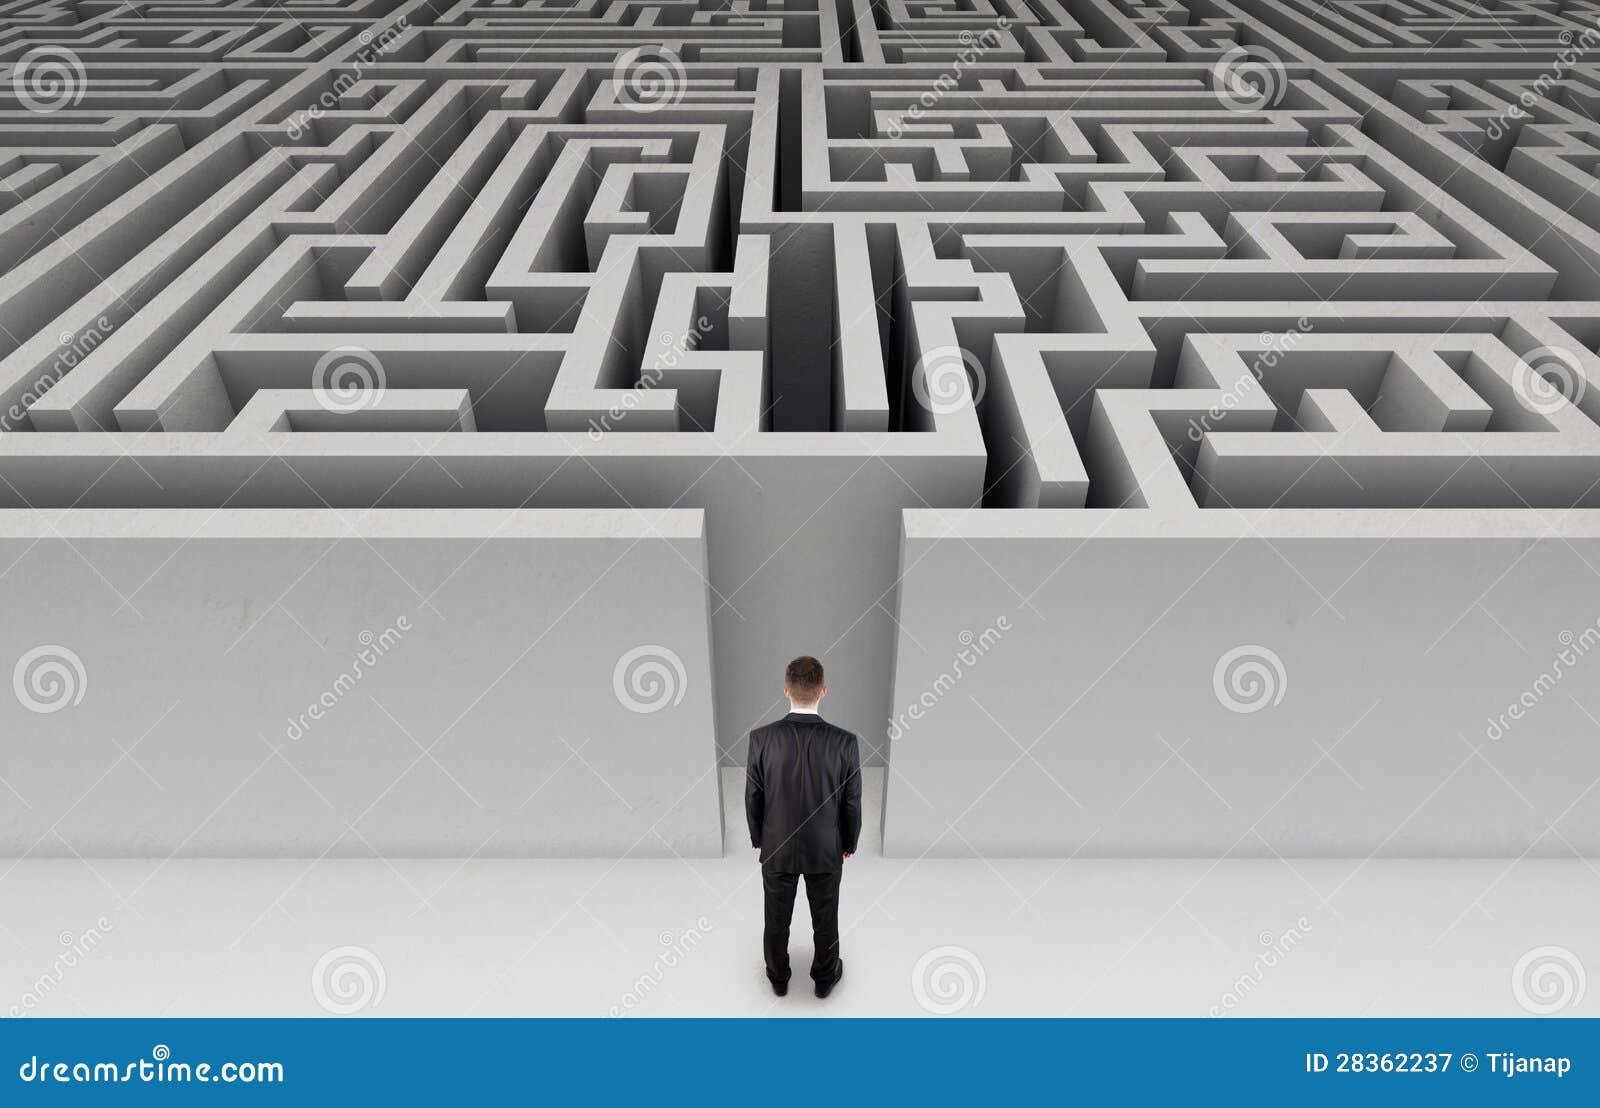 Zakenman voor een reusachtig labyrint